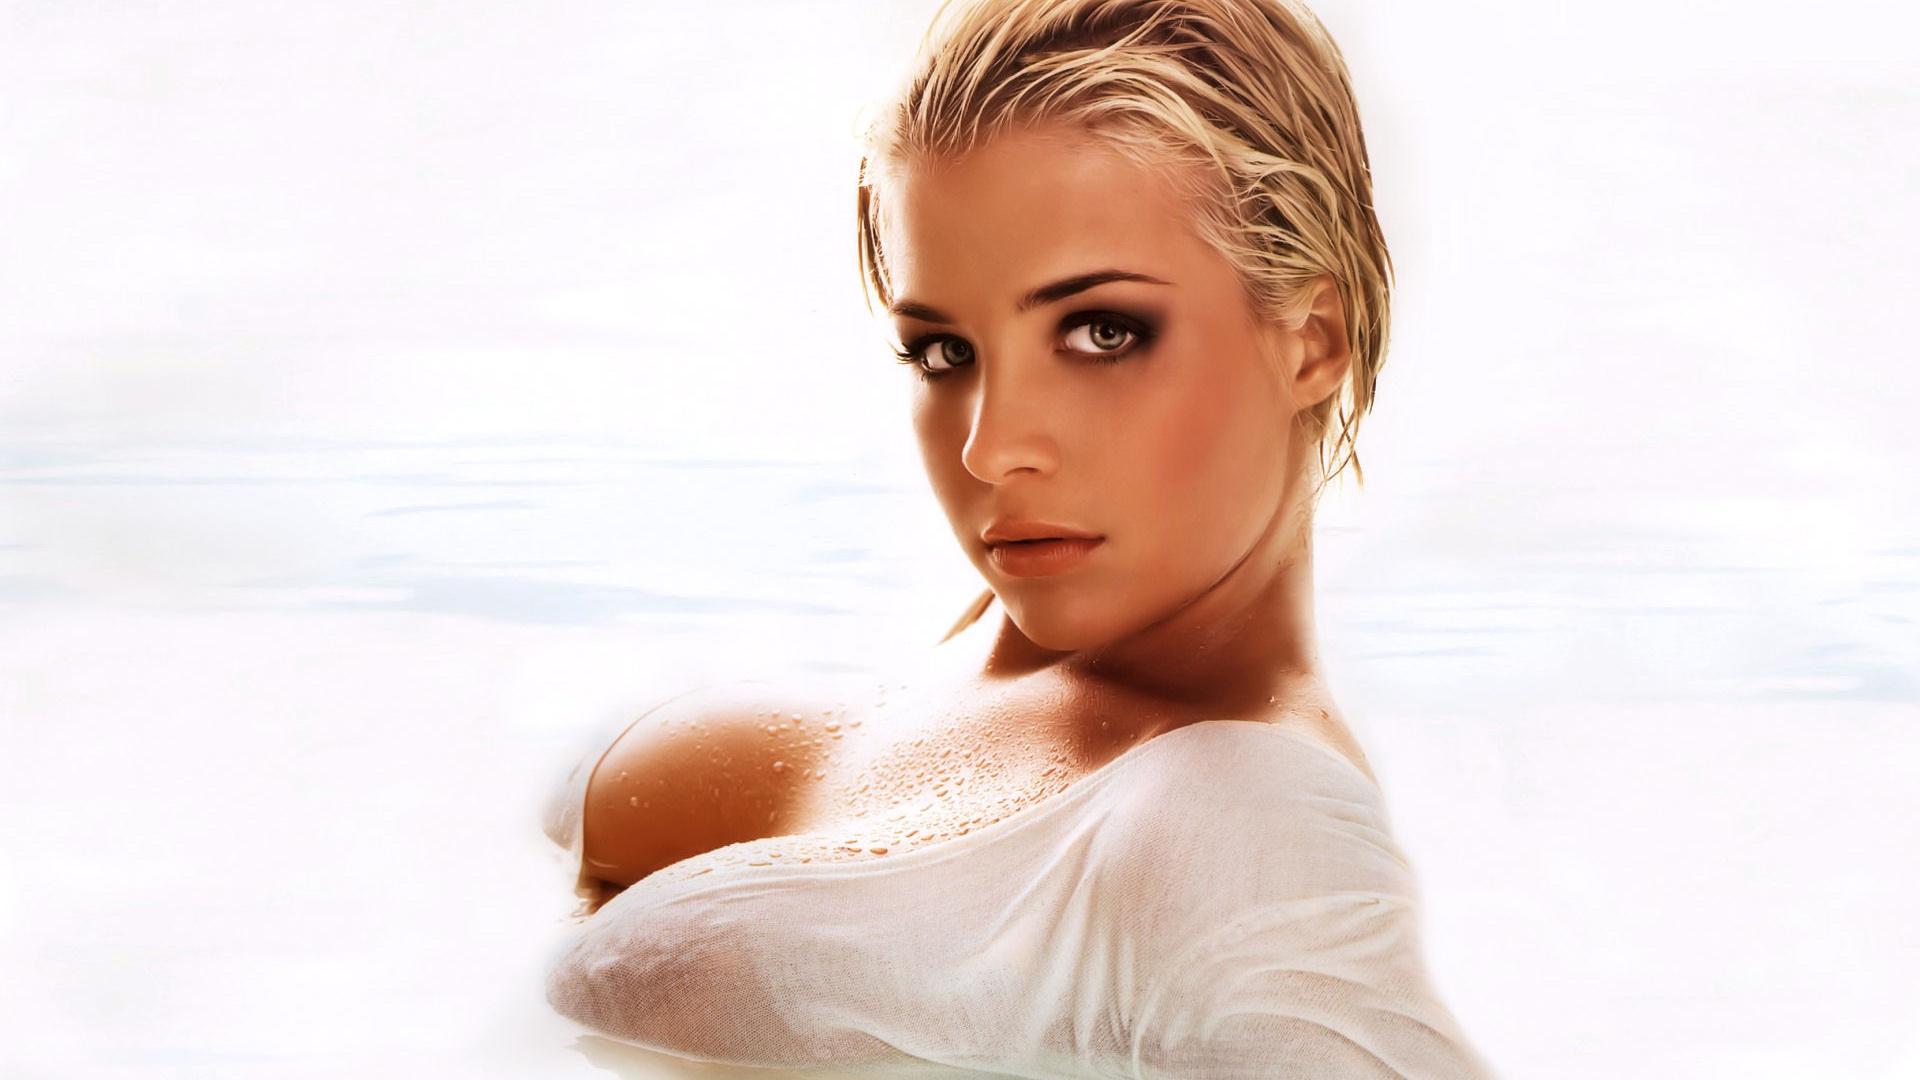 Смотреть фото голых девушек бесплатно крупно, Голые сексуальные девки крупным планом 1 фотография